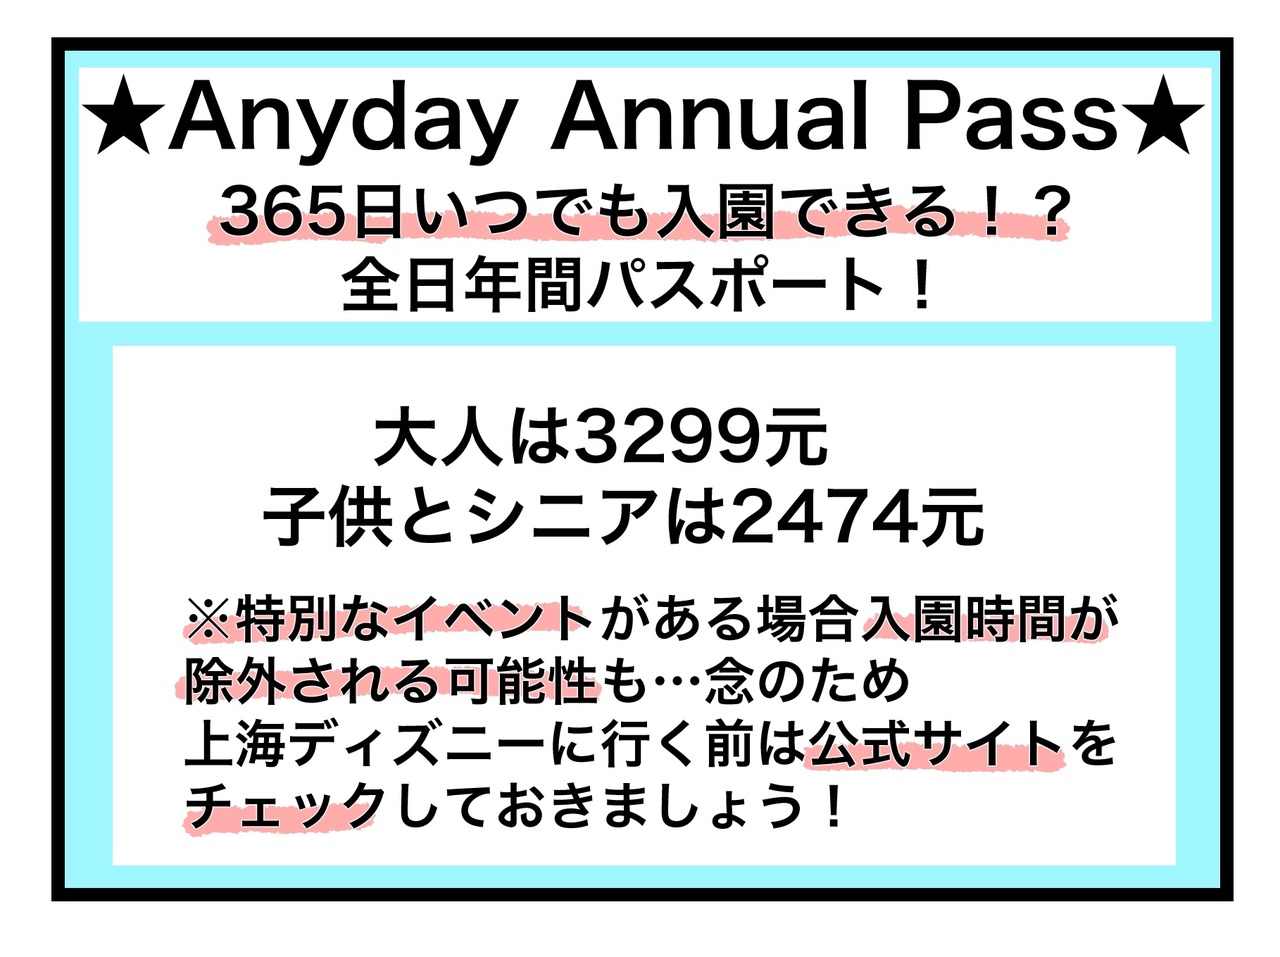 A33C7B29-A57F-4BCD-941E-41173549B54D